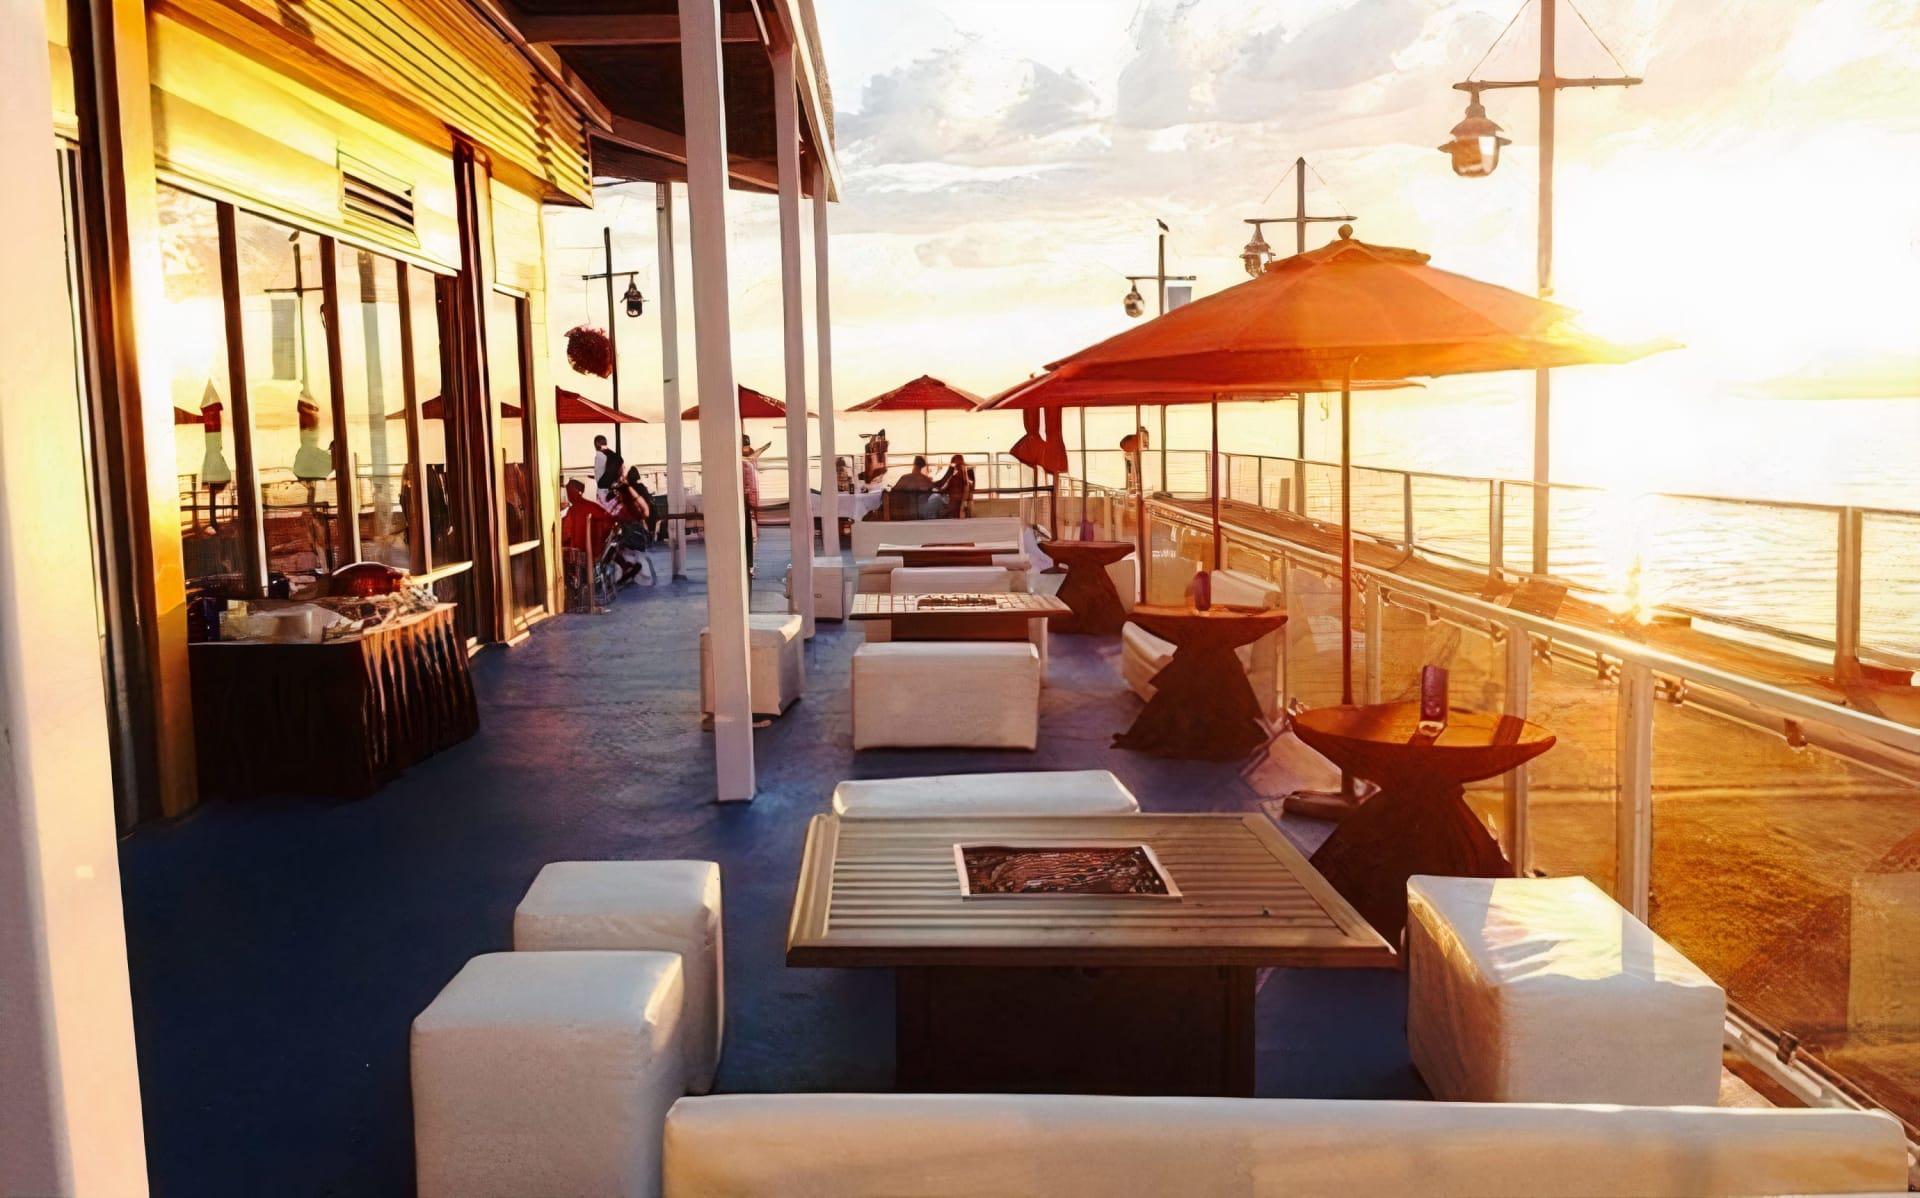 8 Waterfront Restaurants in Seattle